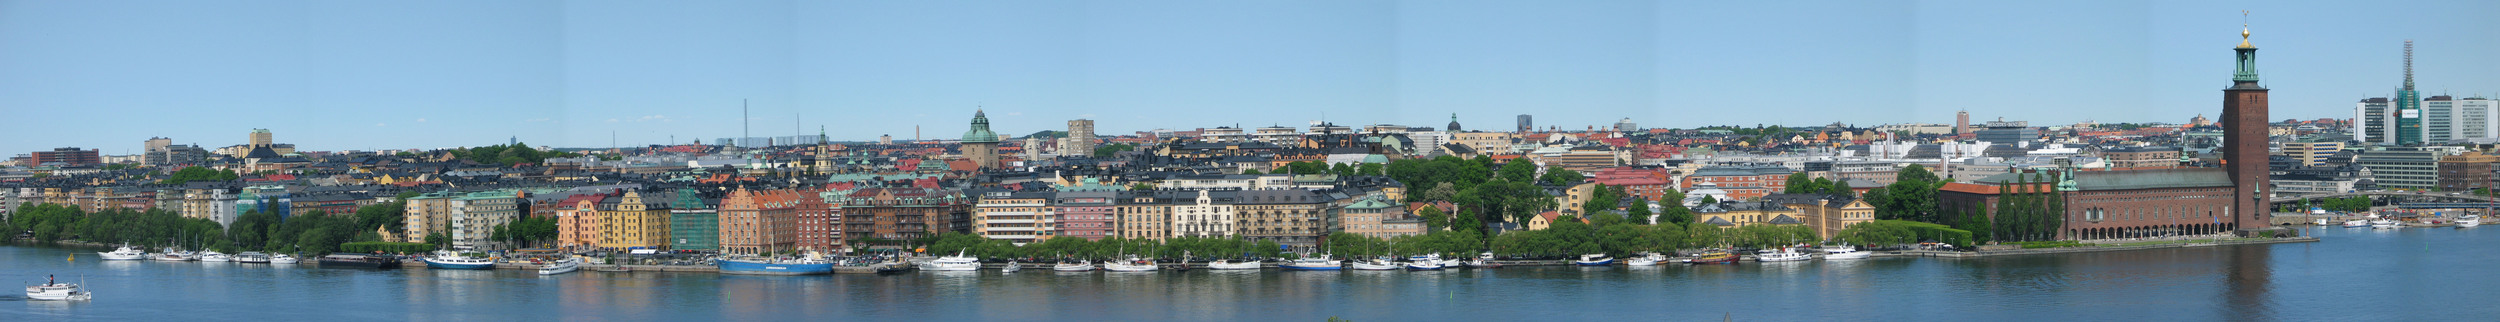 Kungsholmen, Stockholm